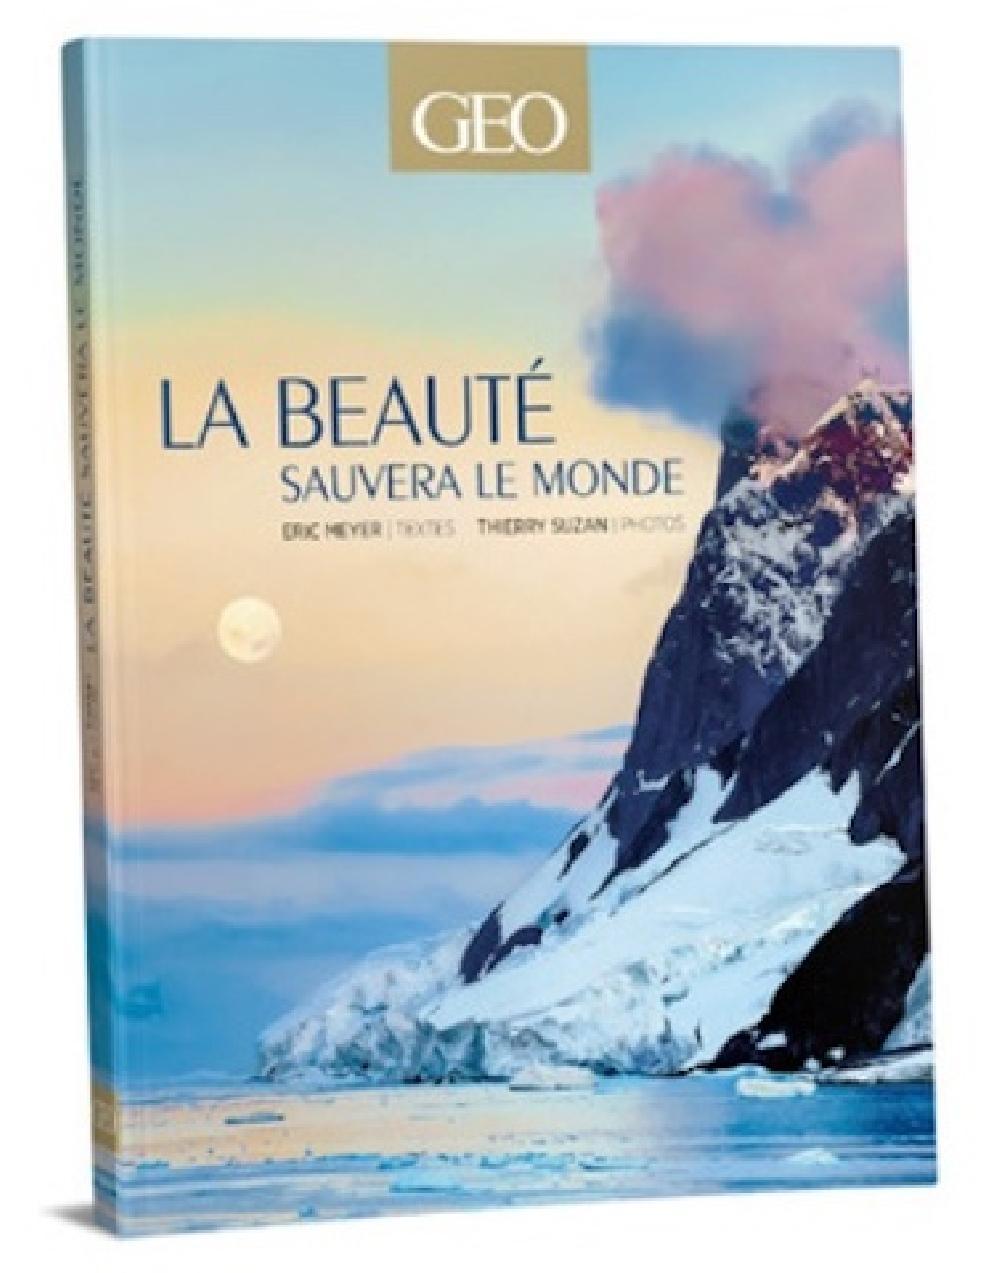 La beauté sauvera le monde - Avec 2 cahiers photos inédits, 1 tirage original